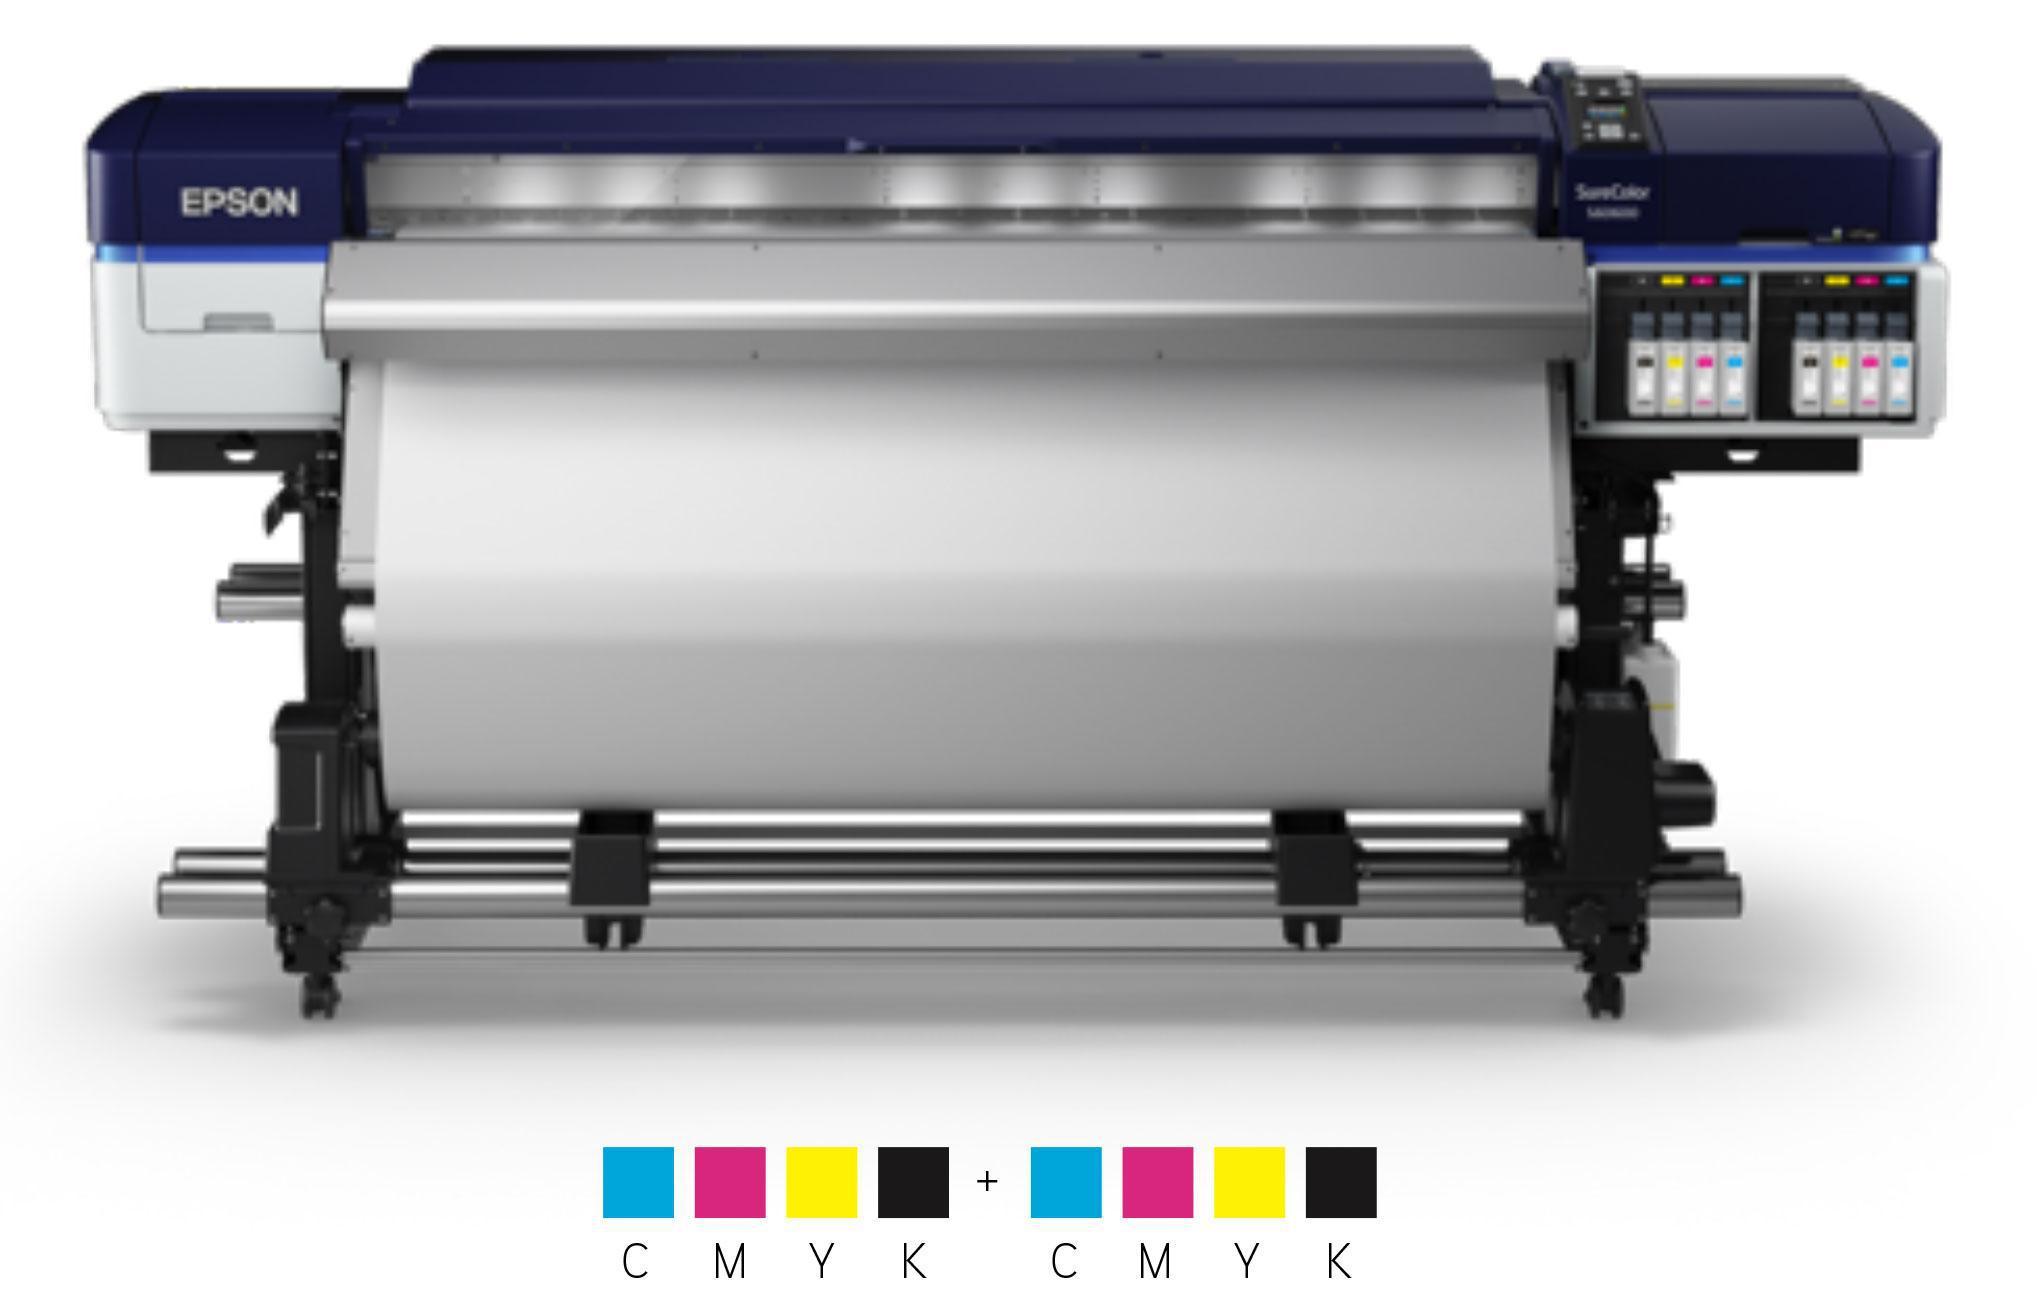 Epson SureColor S60600